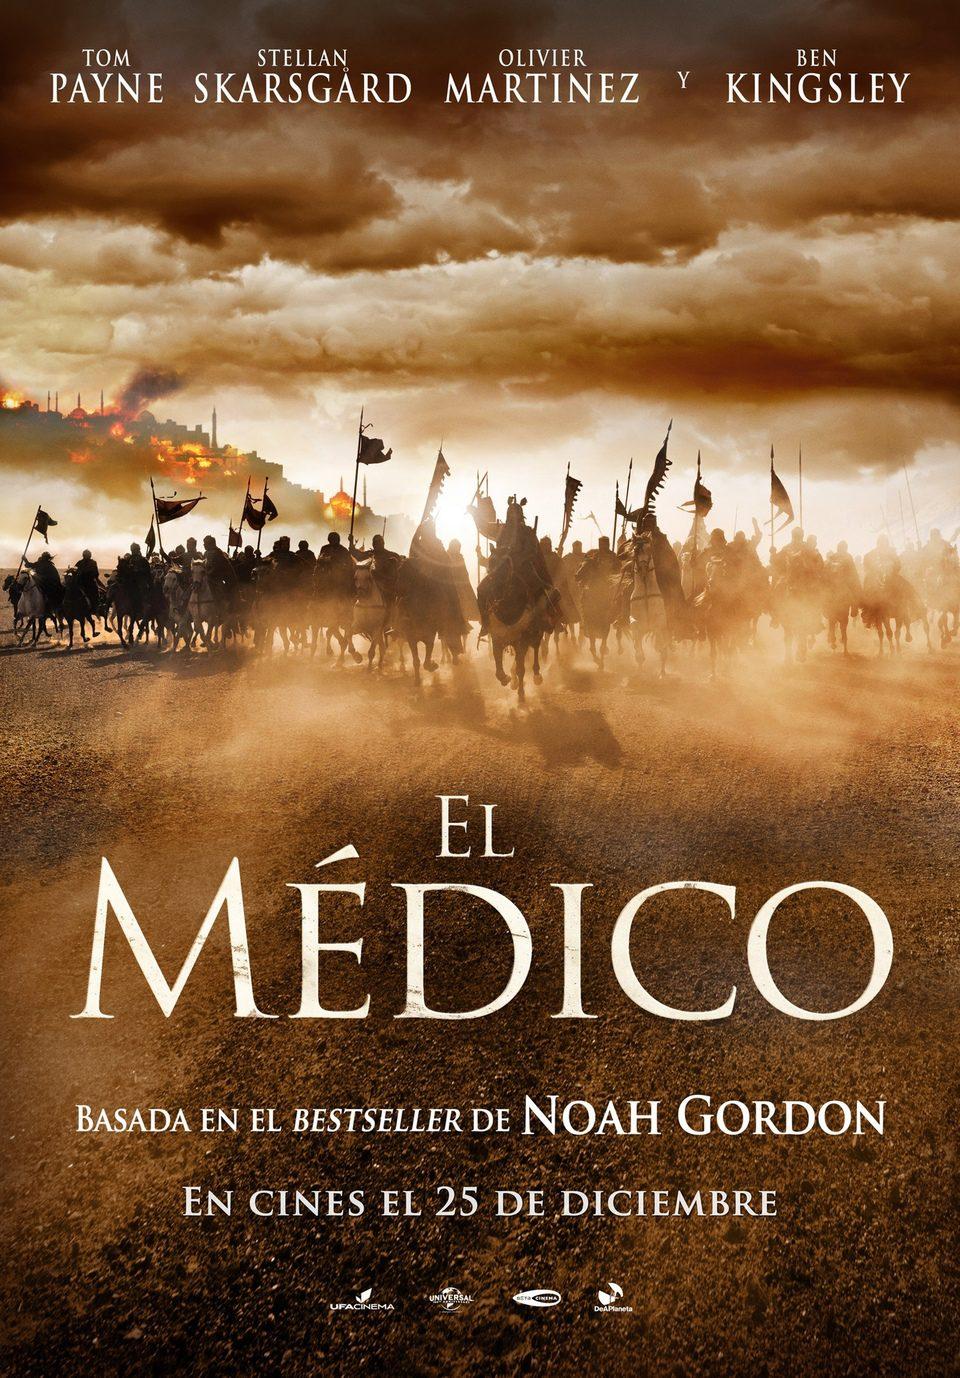 Cartel Teaser España de 'El médico'